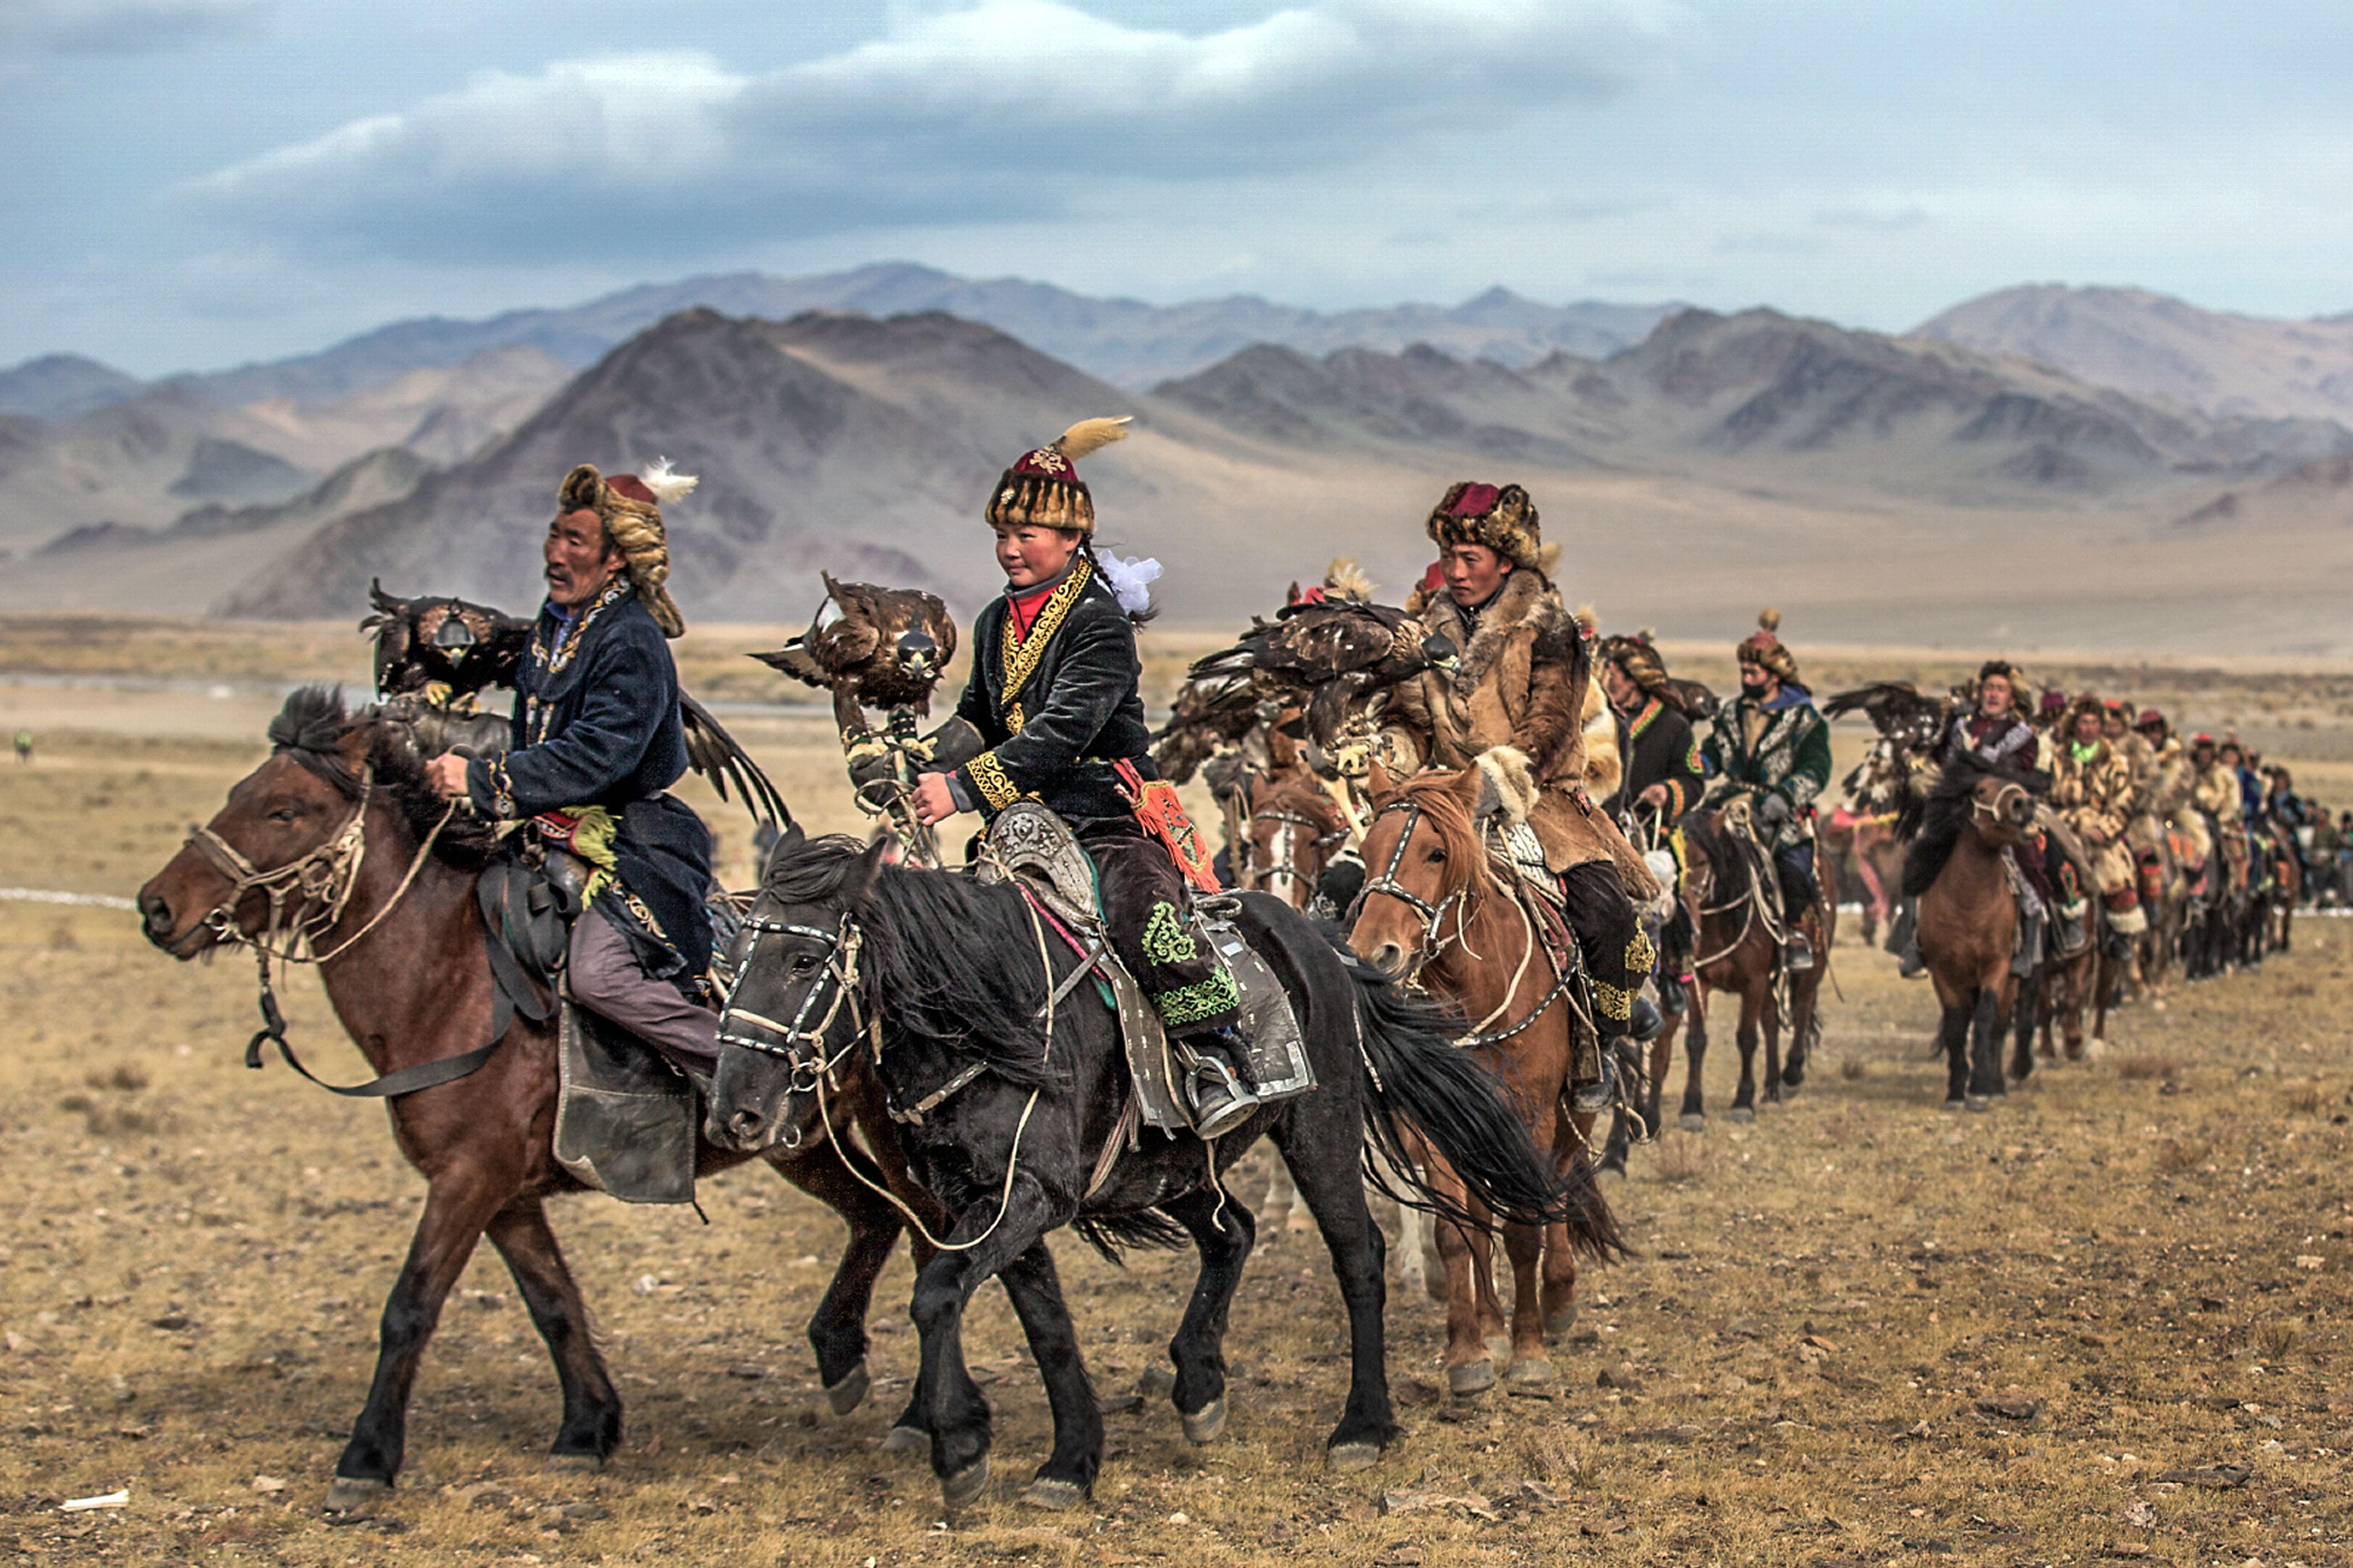 MONGOLIA EAGLE FESTIVAL